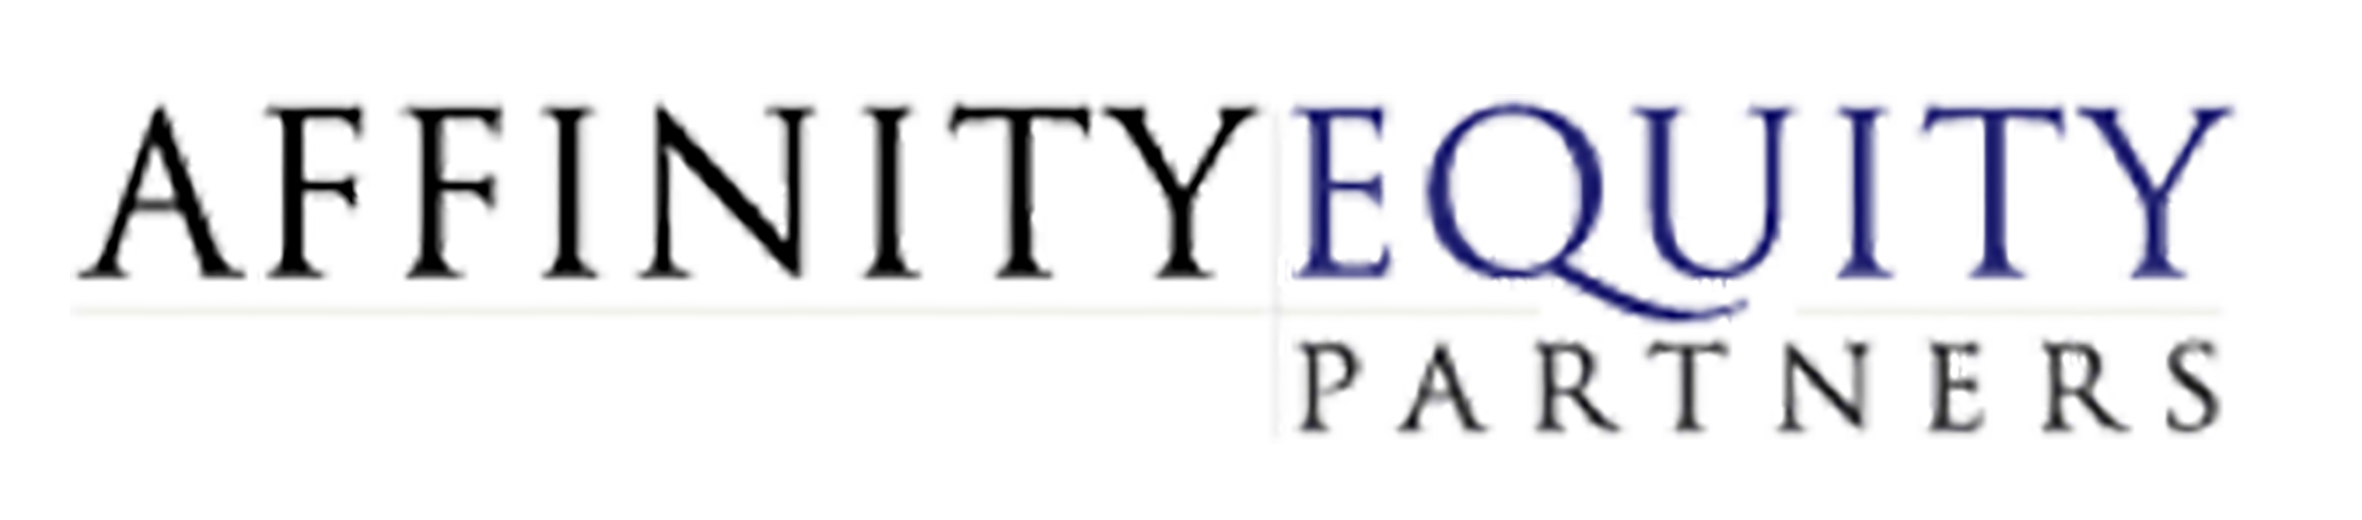 20210703131146-2021-07-03client_logo131142.png